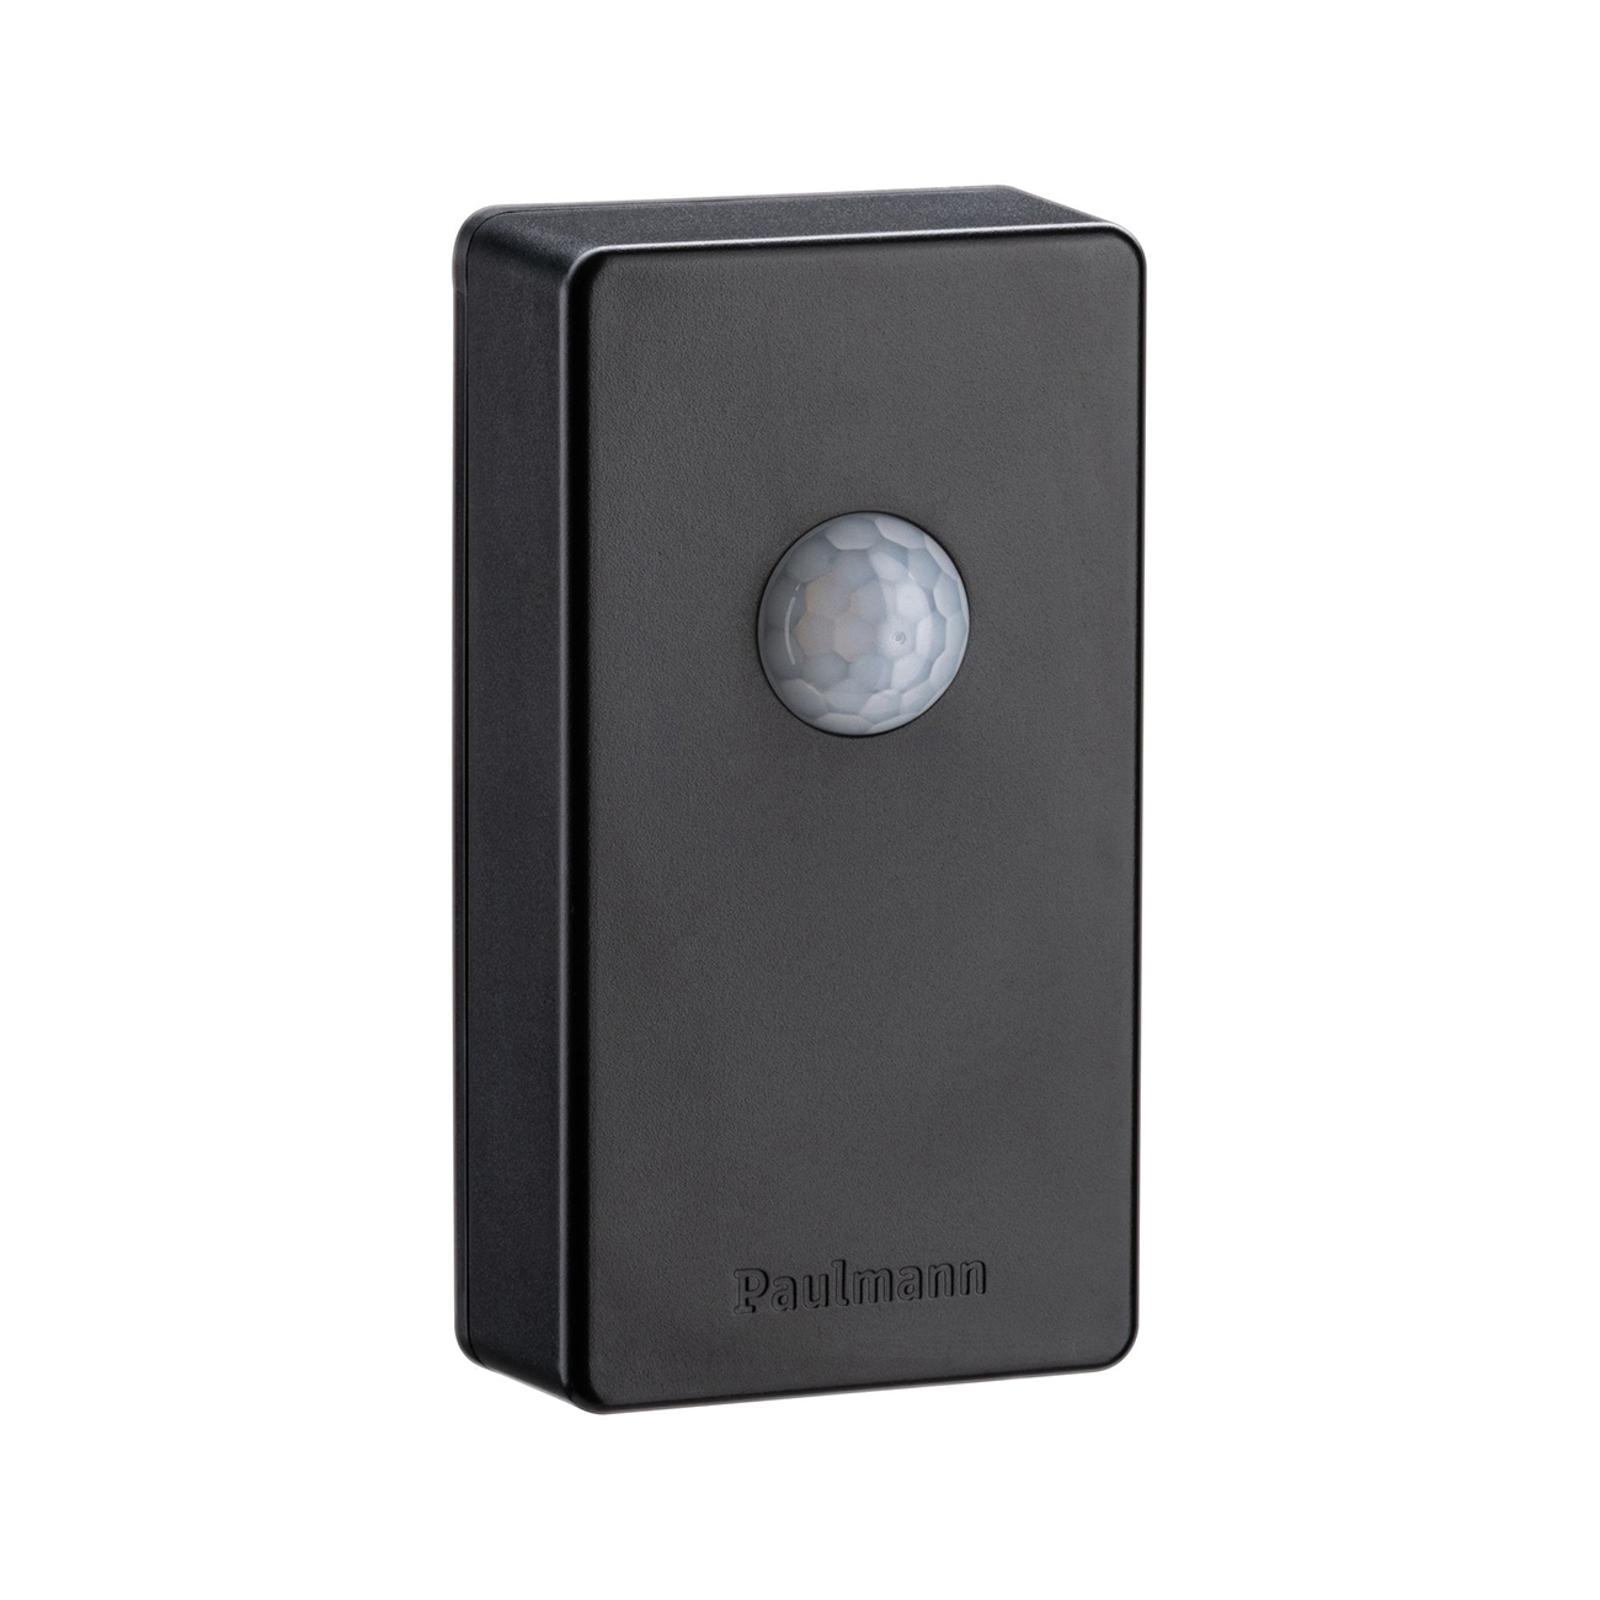 Paulmann Plug & Shine 18012 capteur mouv./lumière